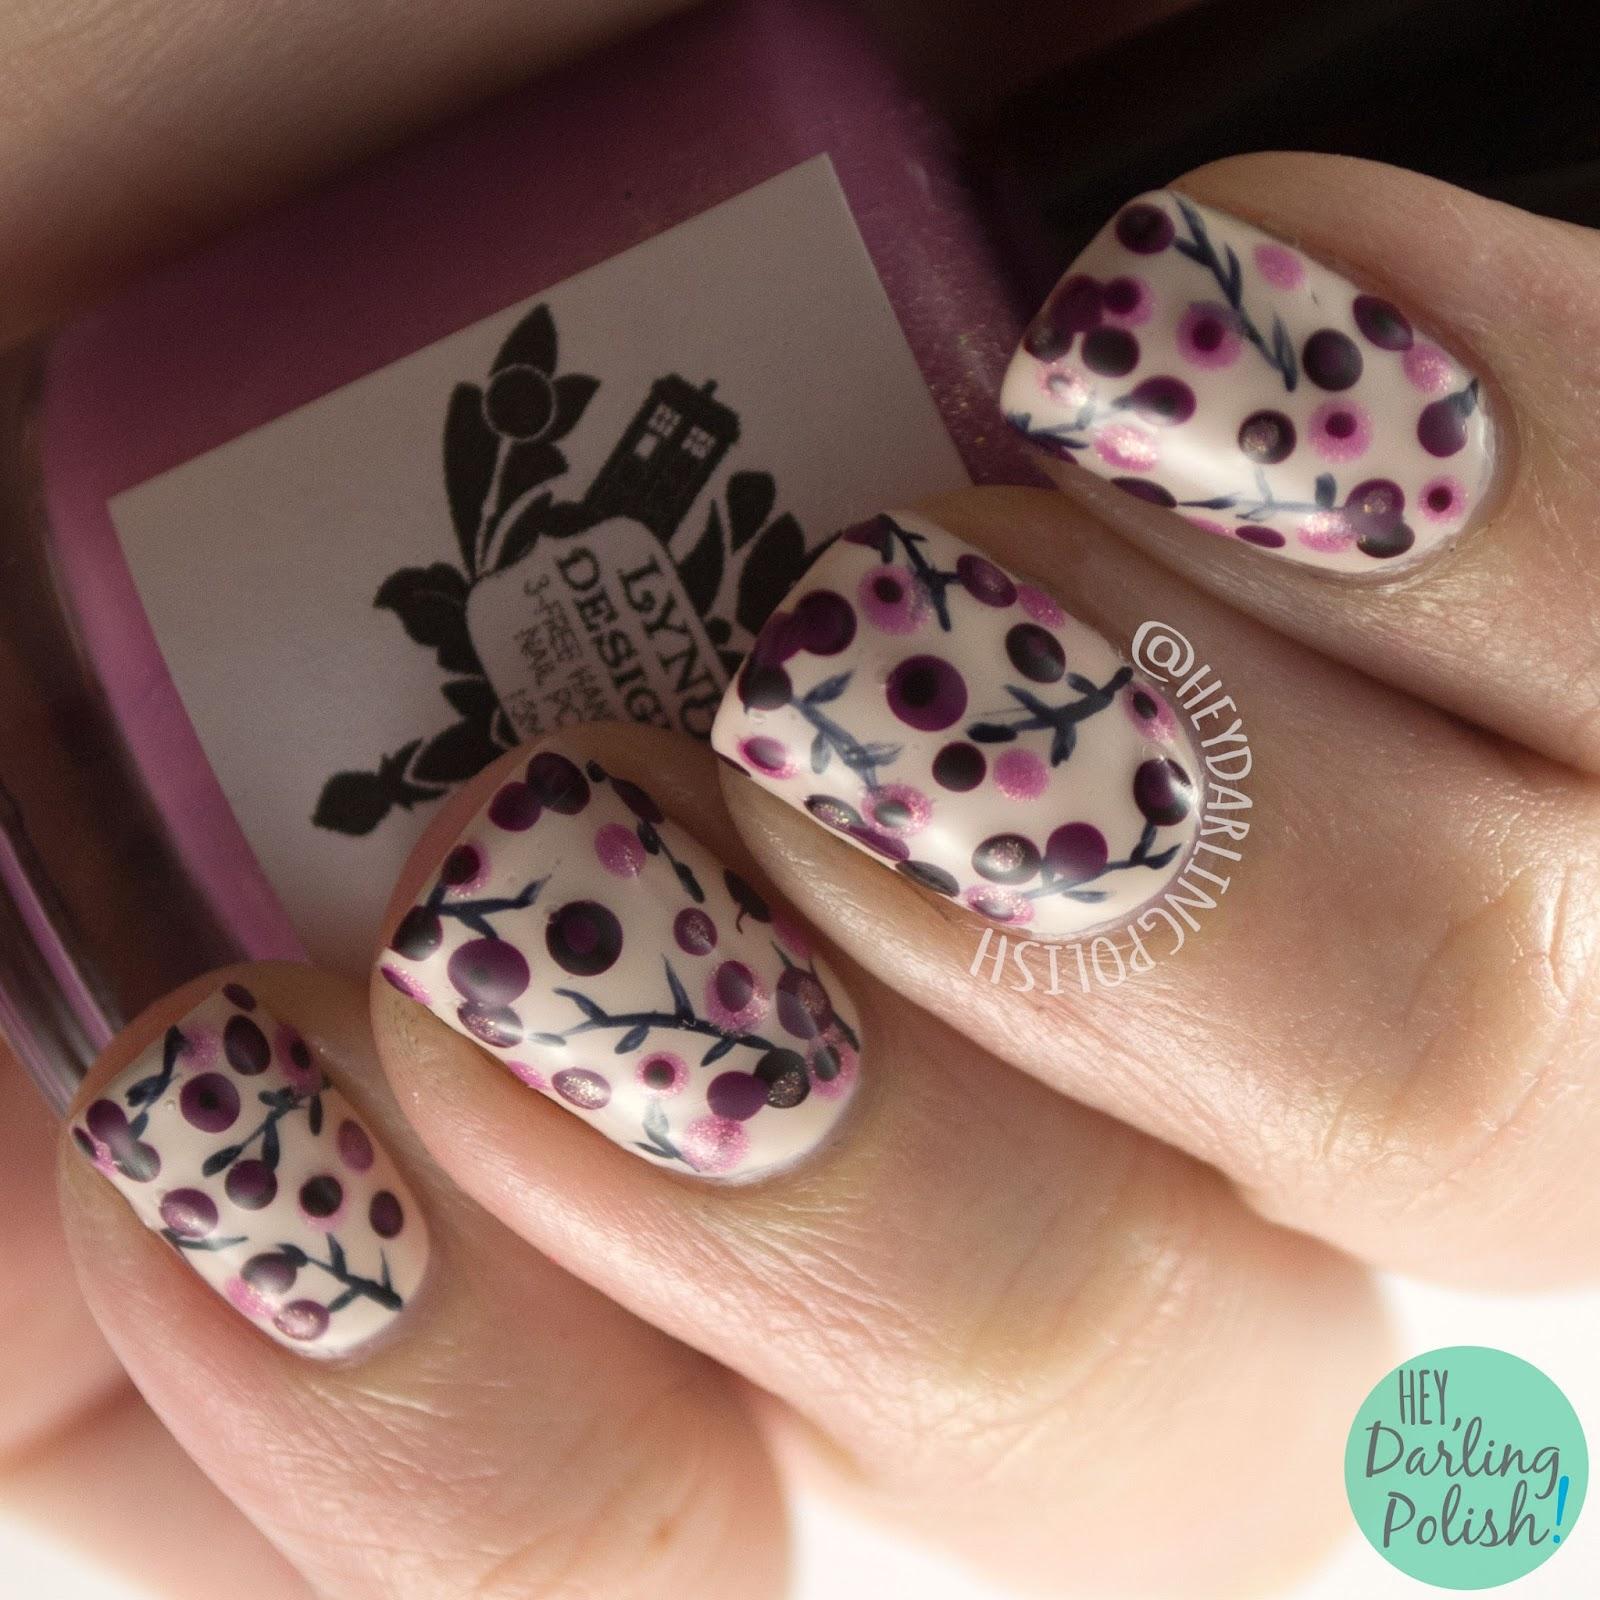 nails, nail art, nail polish, flowers, floral, hey darling polish, polka dots, dotting tools, 31 day challenge 2015,